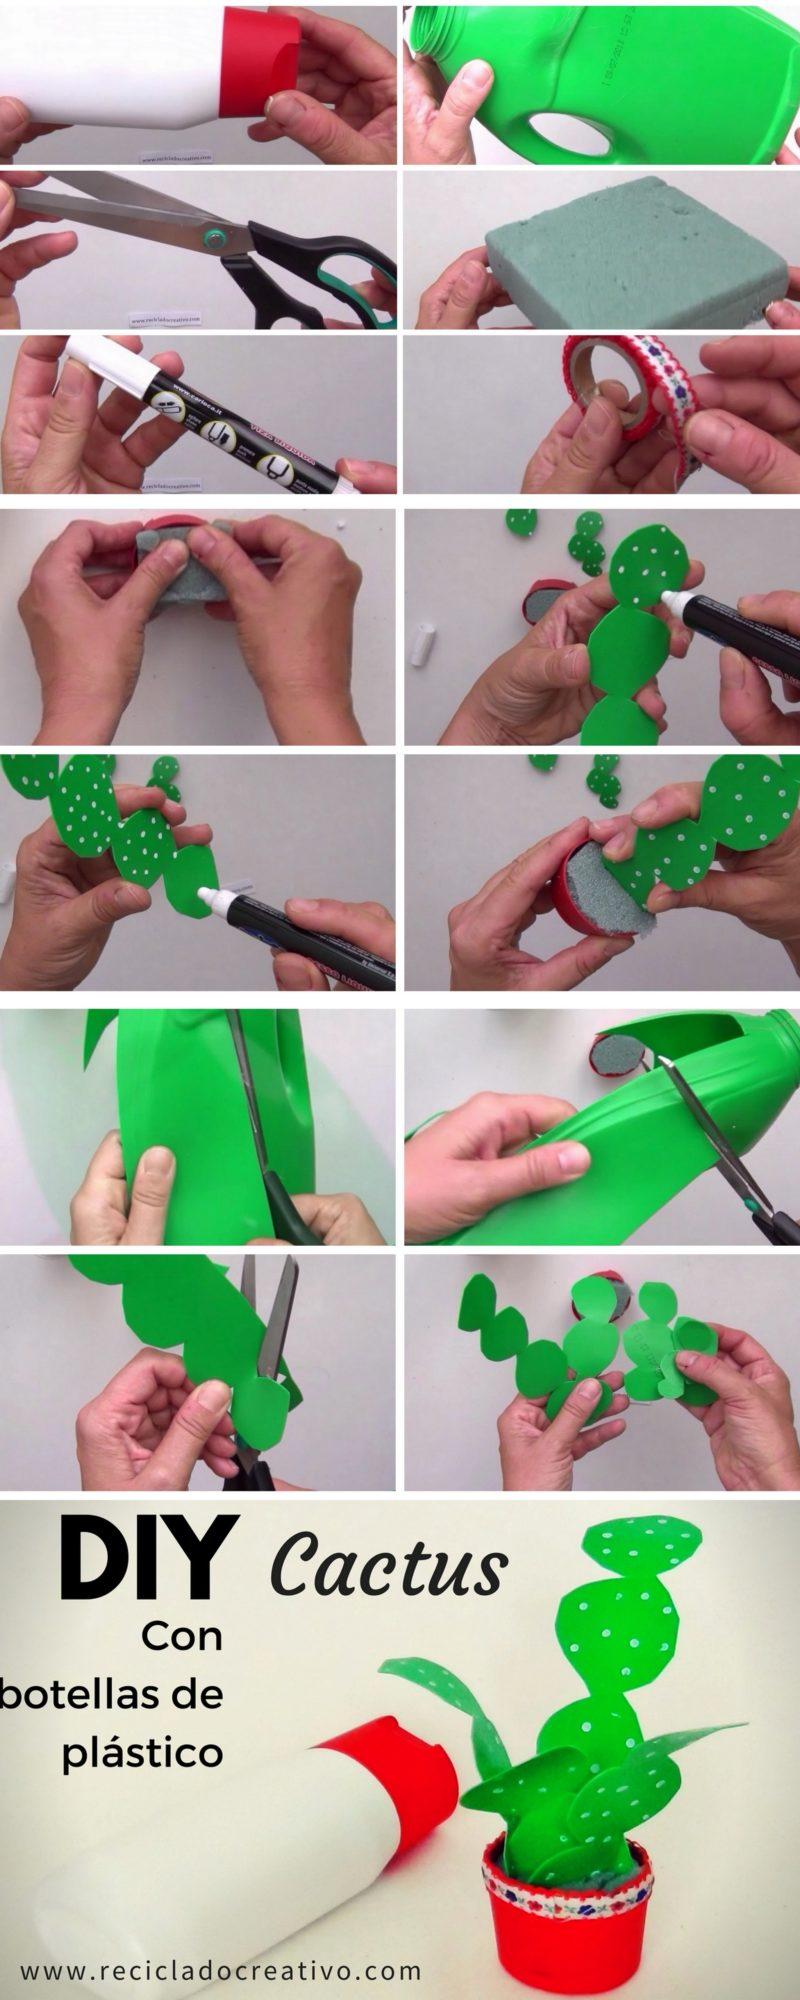 infographic DIY Cactus realizado reciclando botellas de plástico